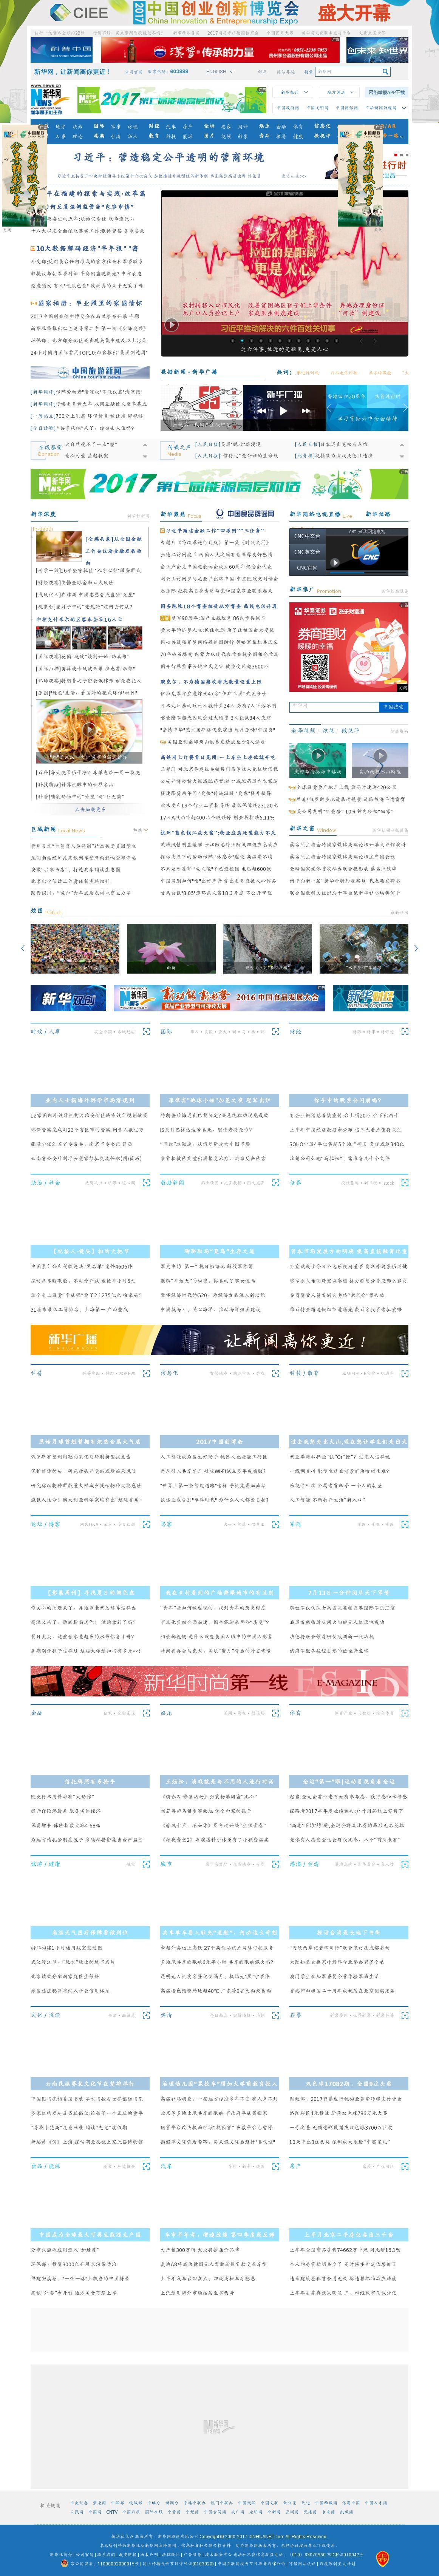 Xinhua at Monday July 17, 2017, 10:24 p.m. UTC